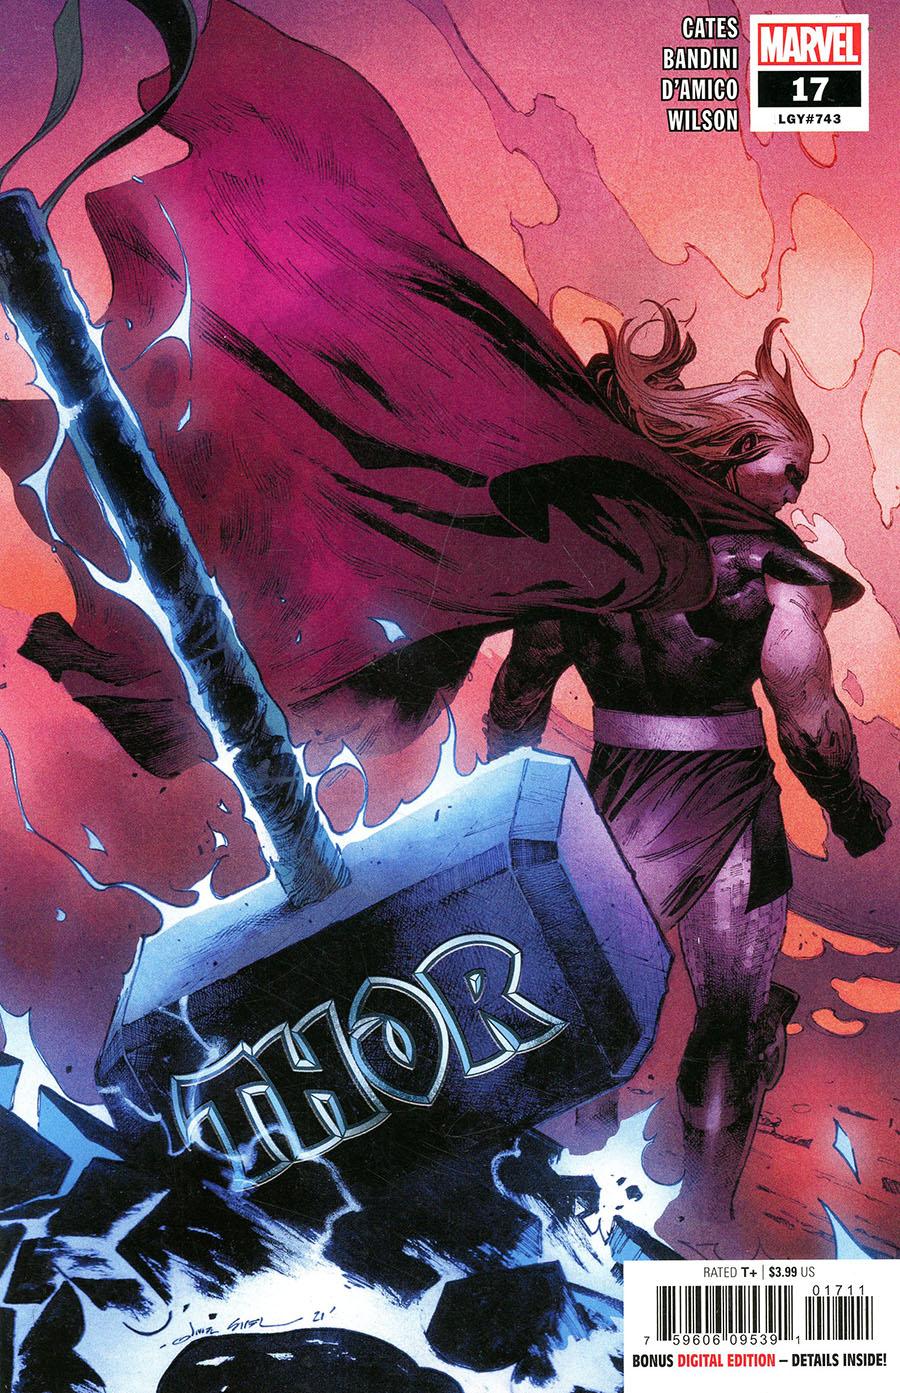 Thor Vol 6 #17 Cover A Regular Olivier Coipel Cover